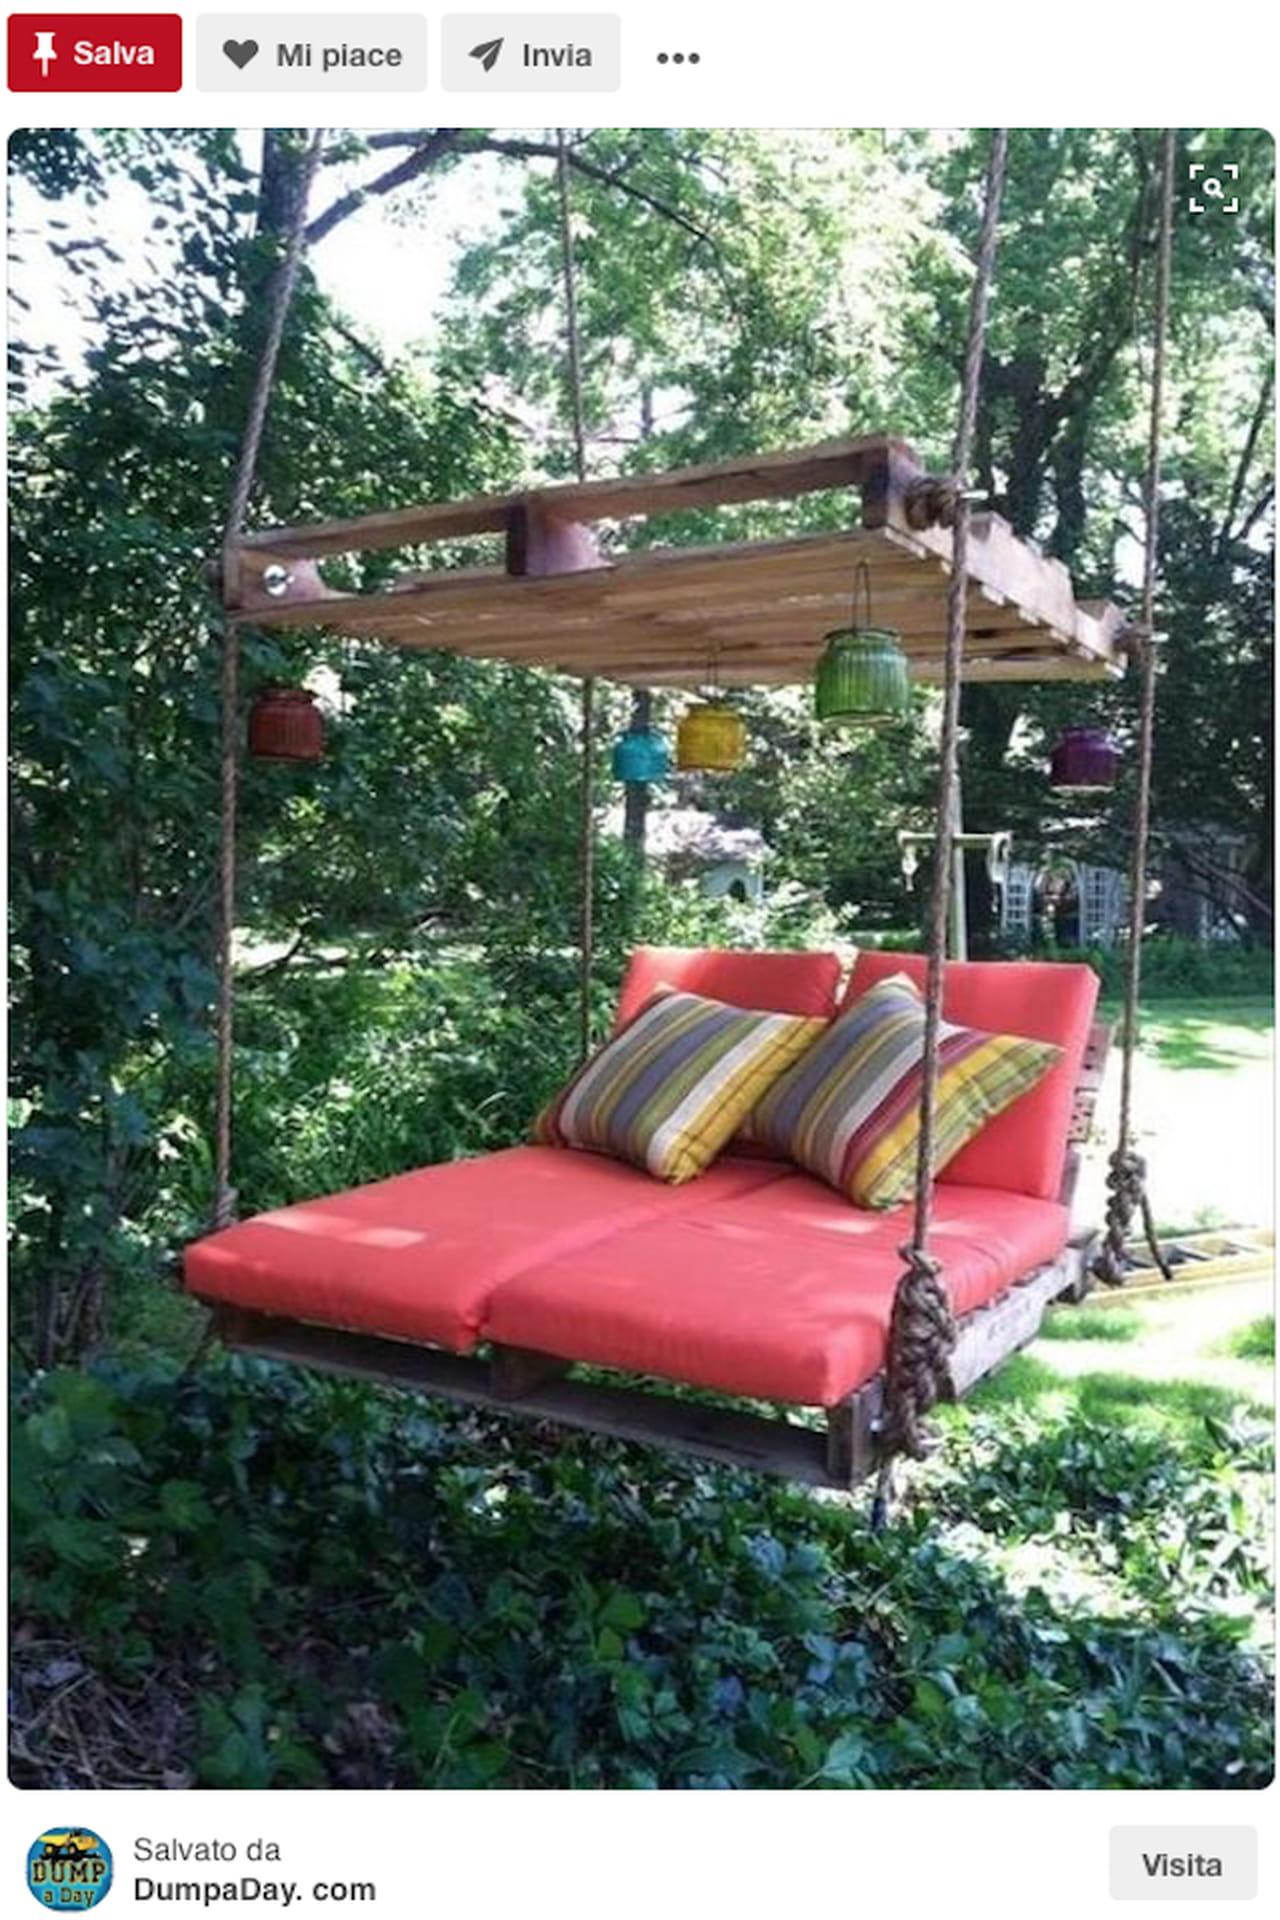 Creazioni fai da te idee giardino da pinterest for Riciclo arredo